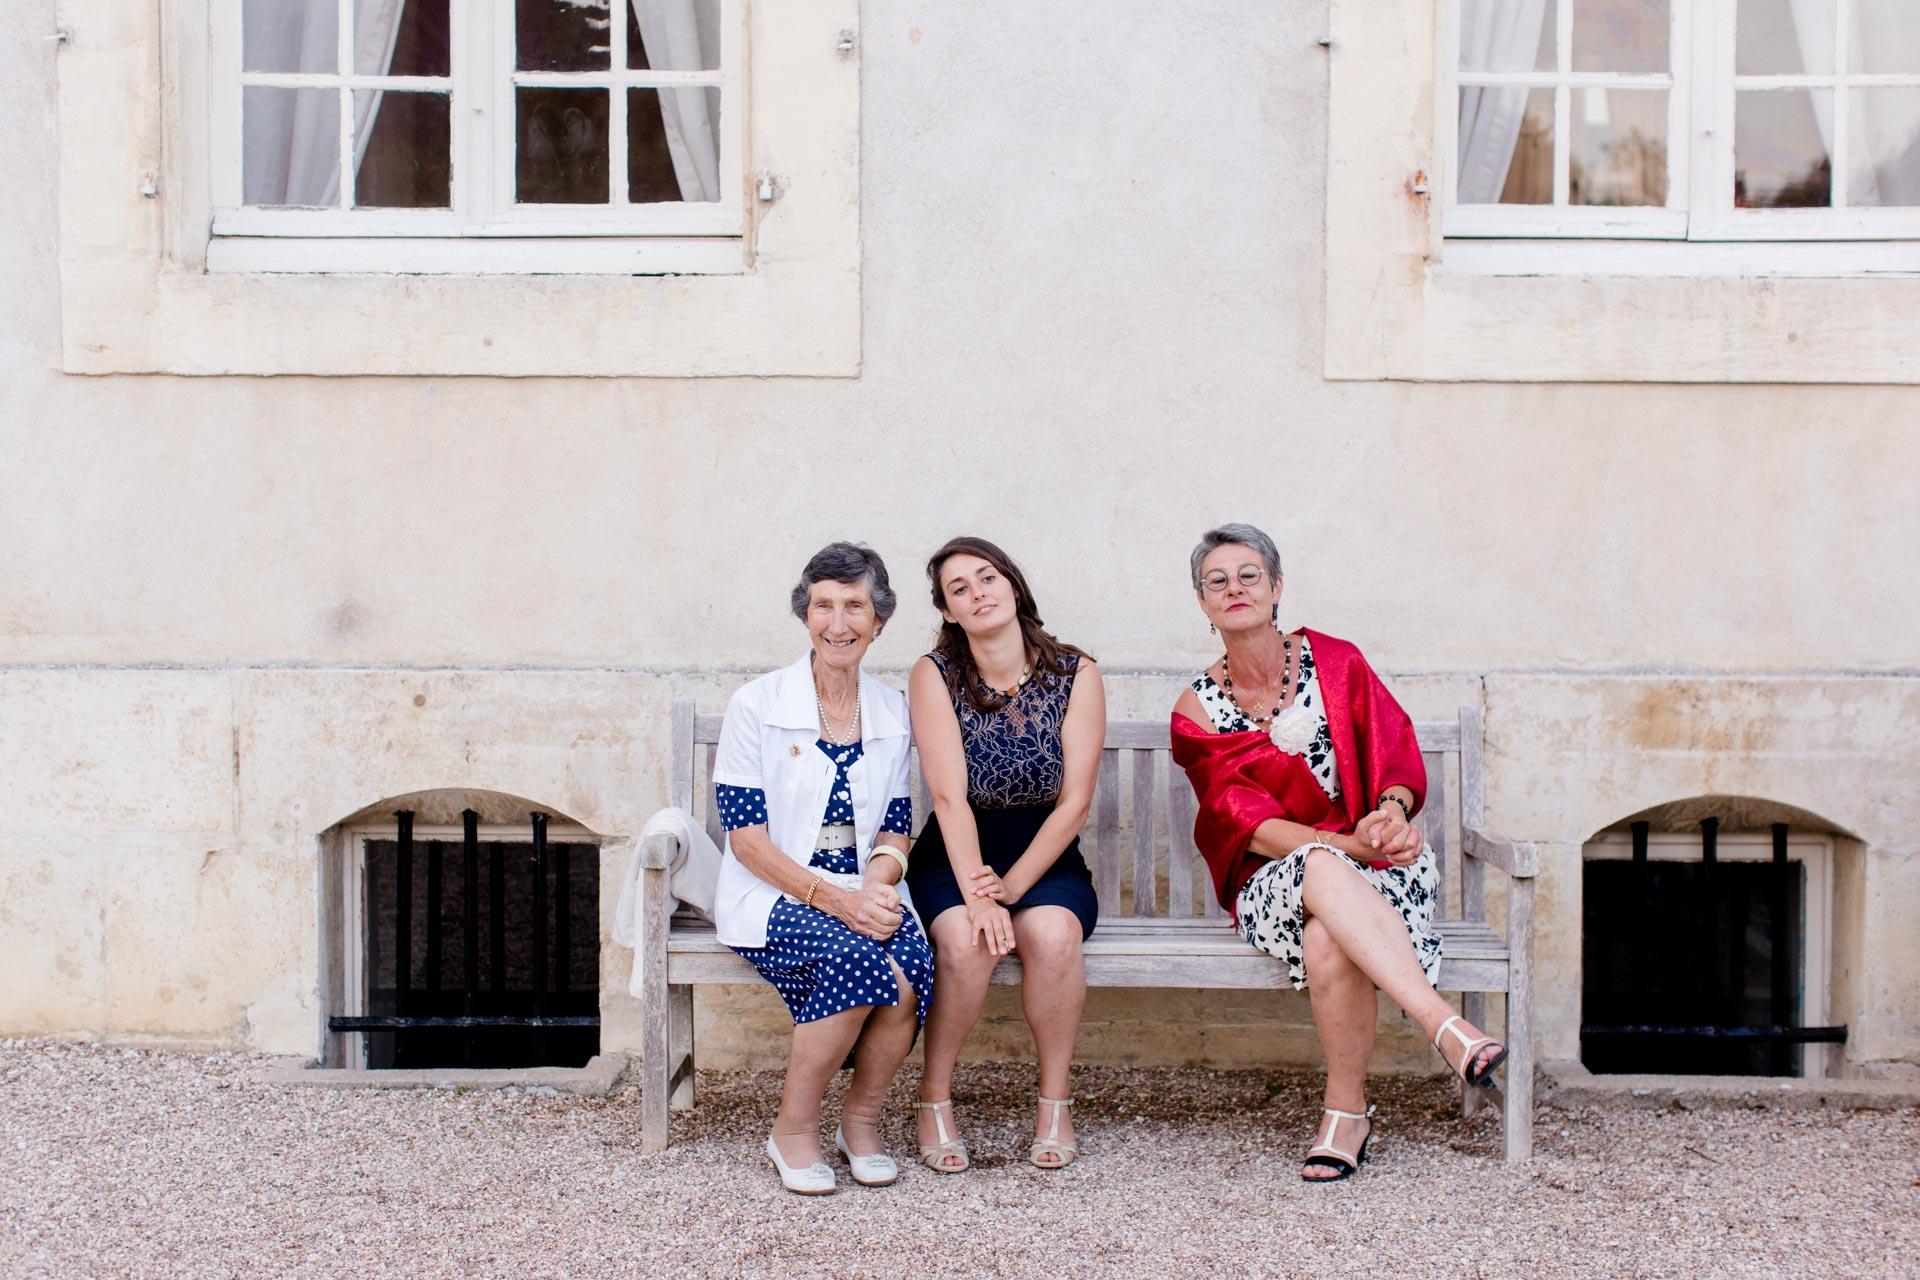 chateauvandelevillewedding-28.jpg